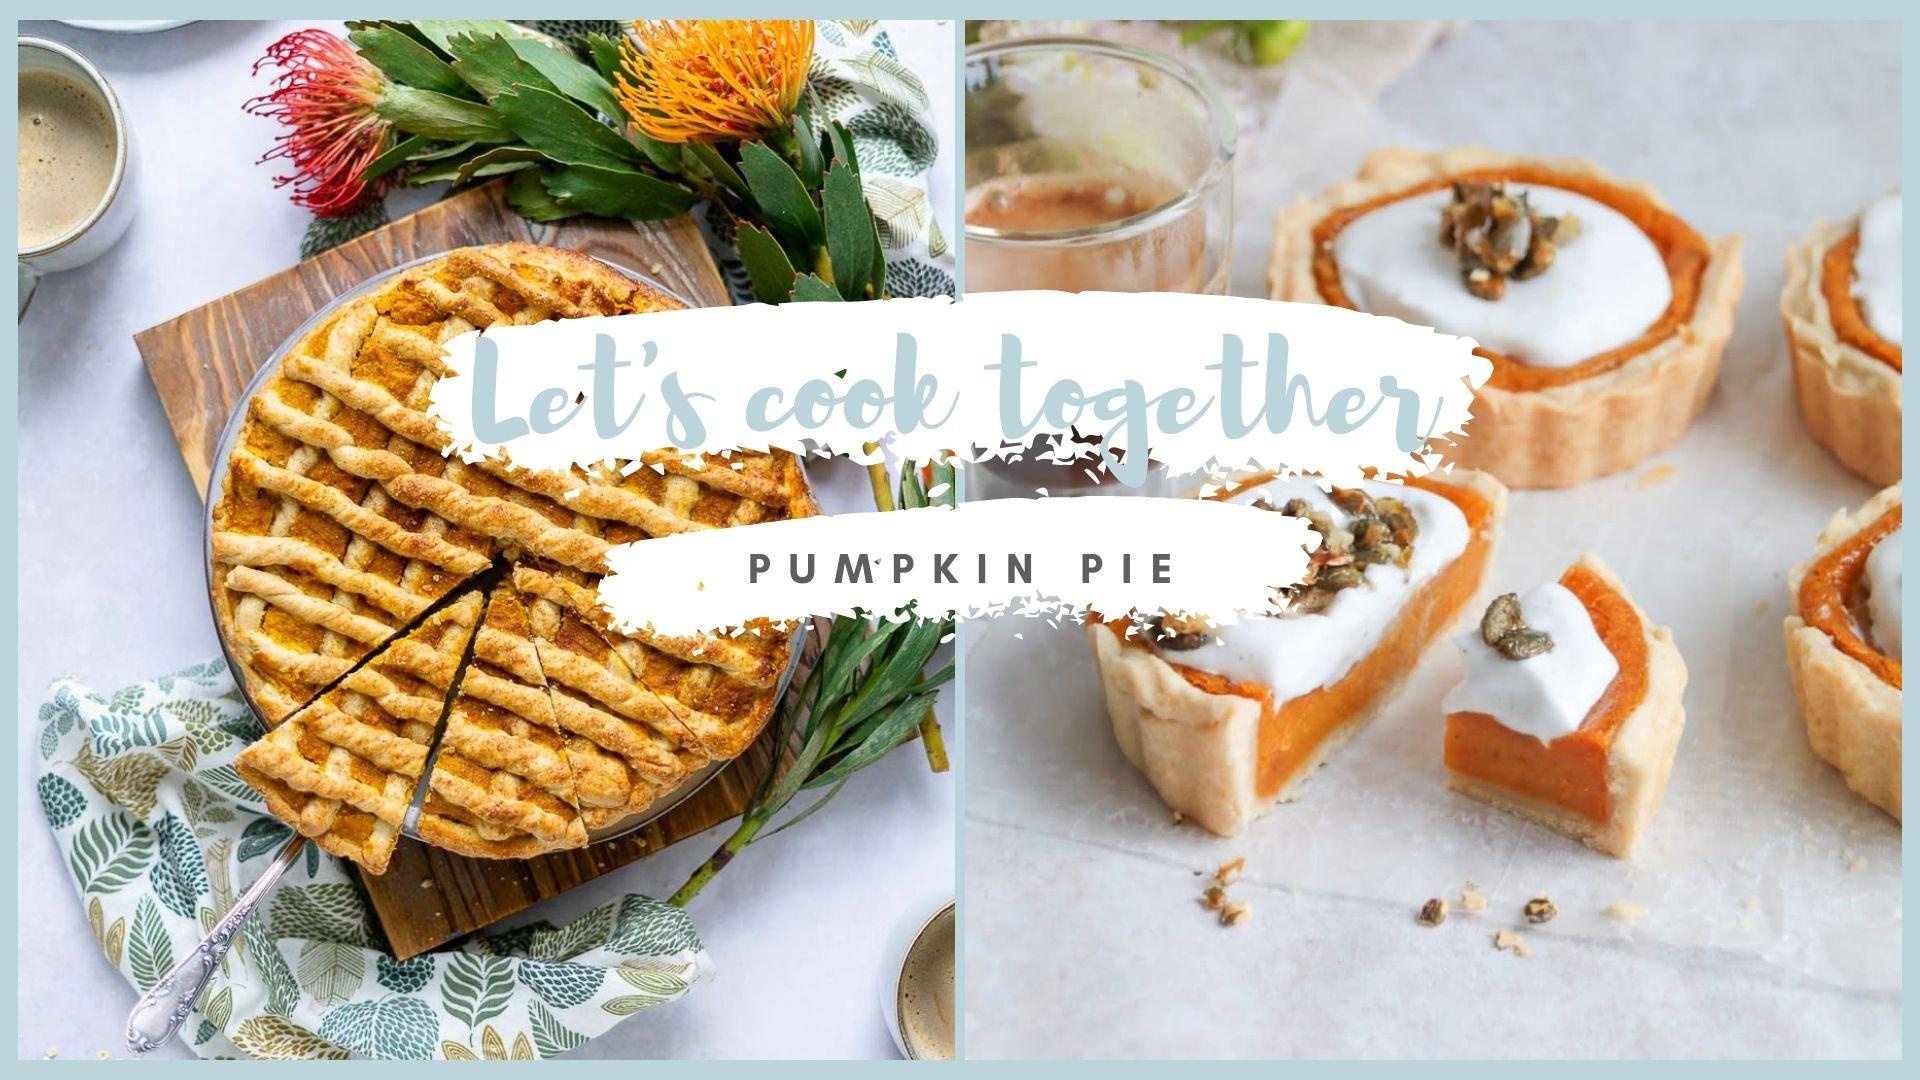 LTC Pumpkin pie